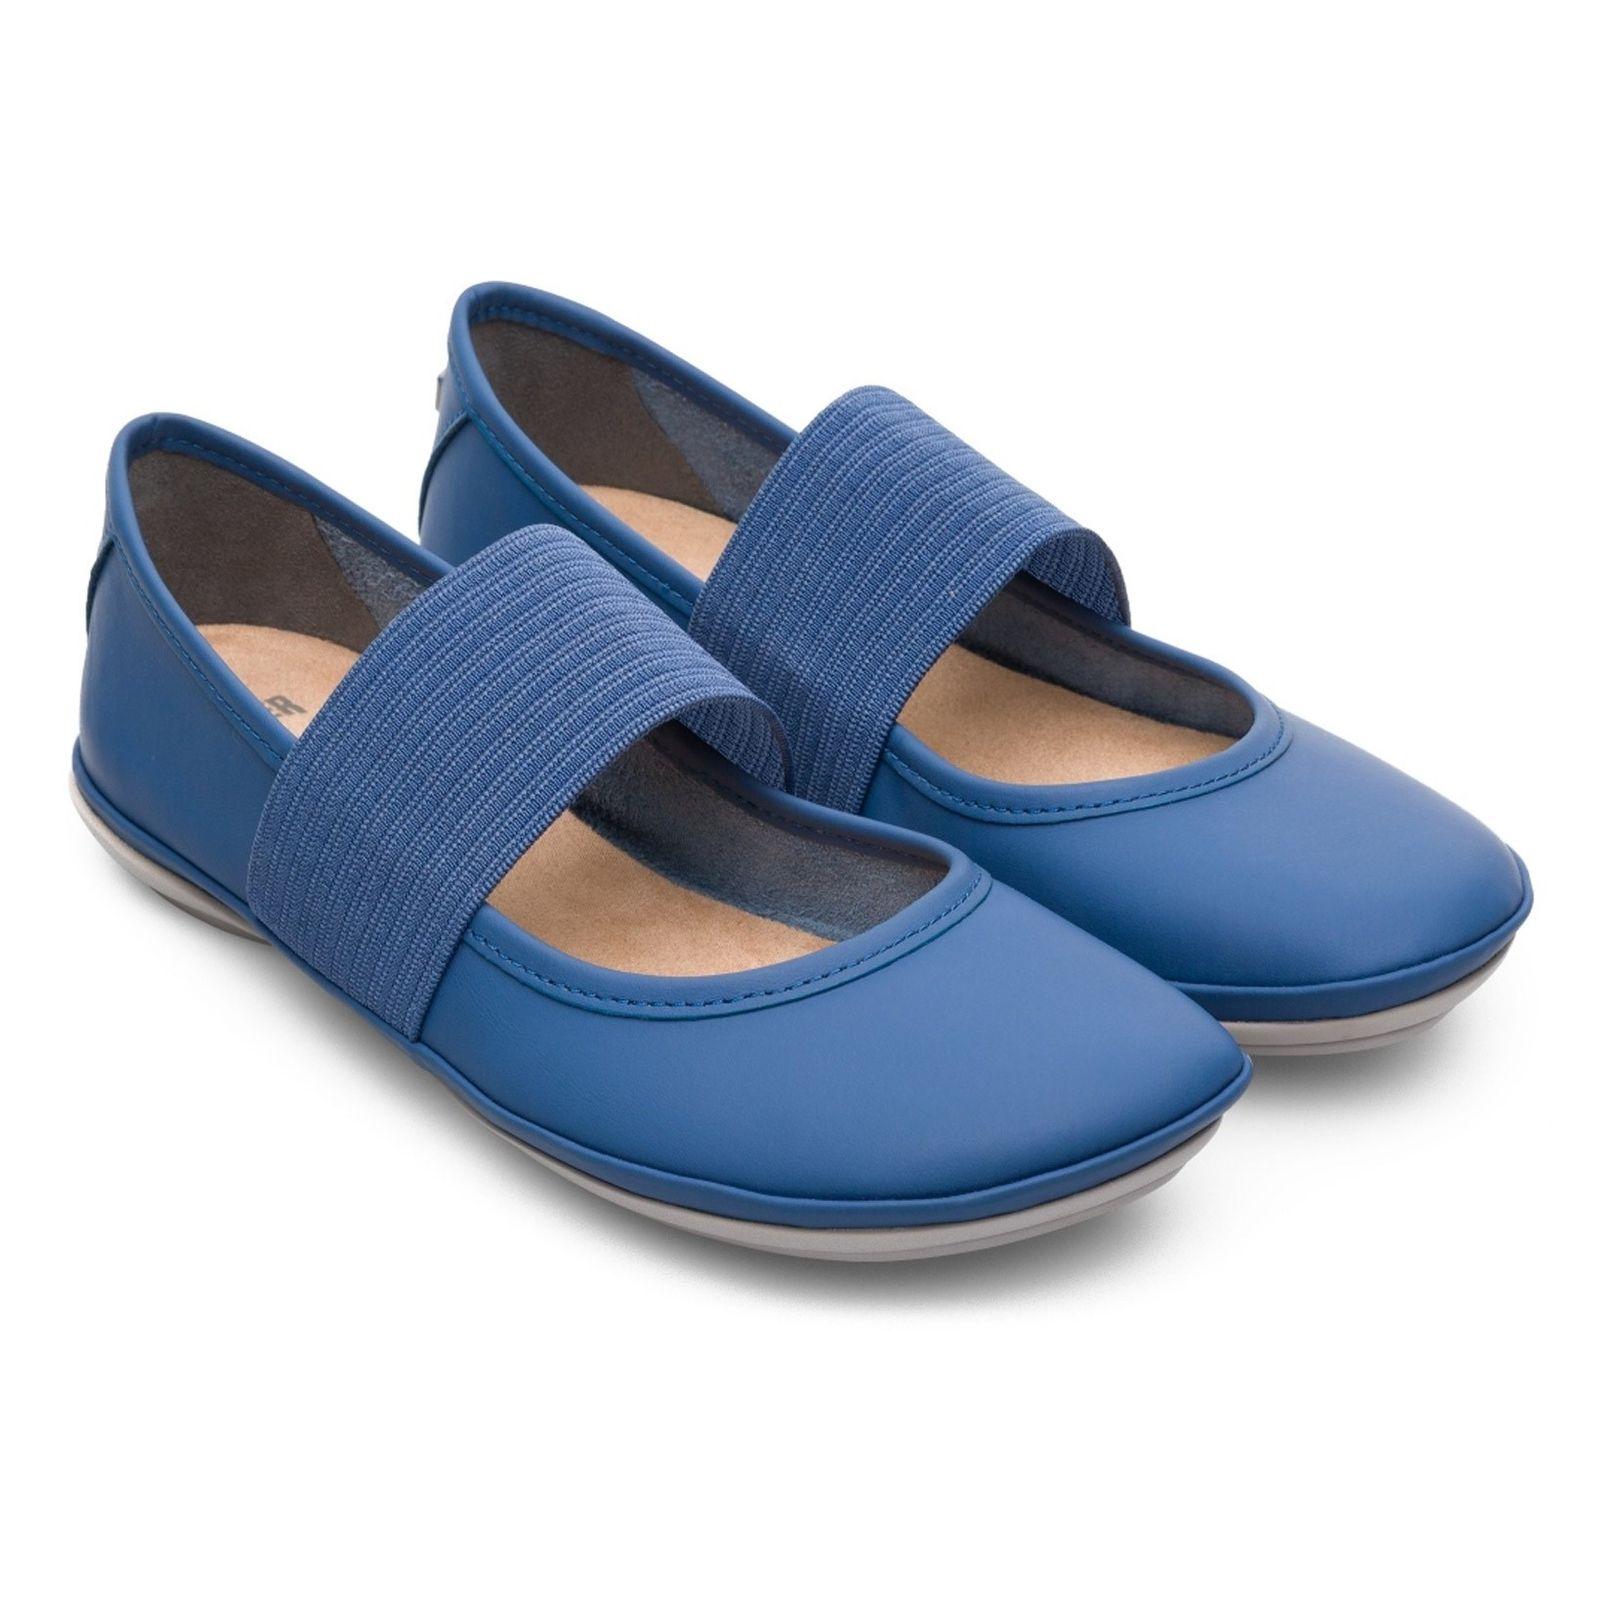 کفش تخت چرم زنانه - کمپر - آبي - 4